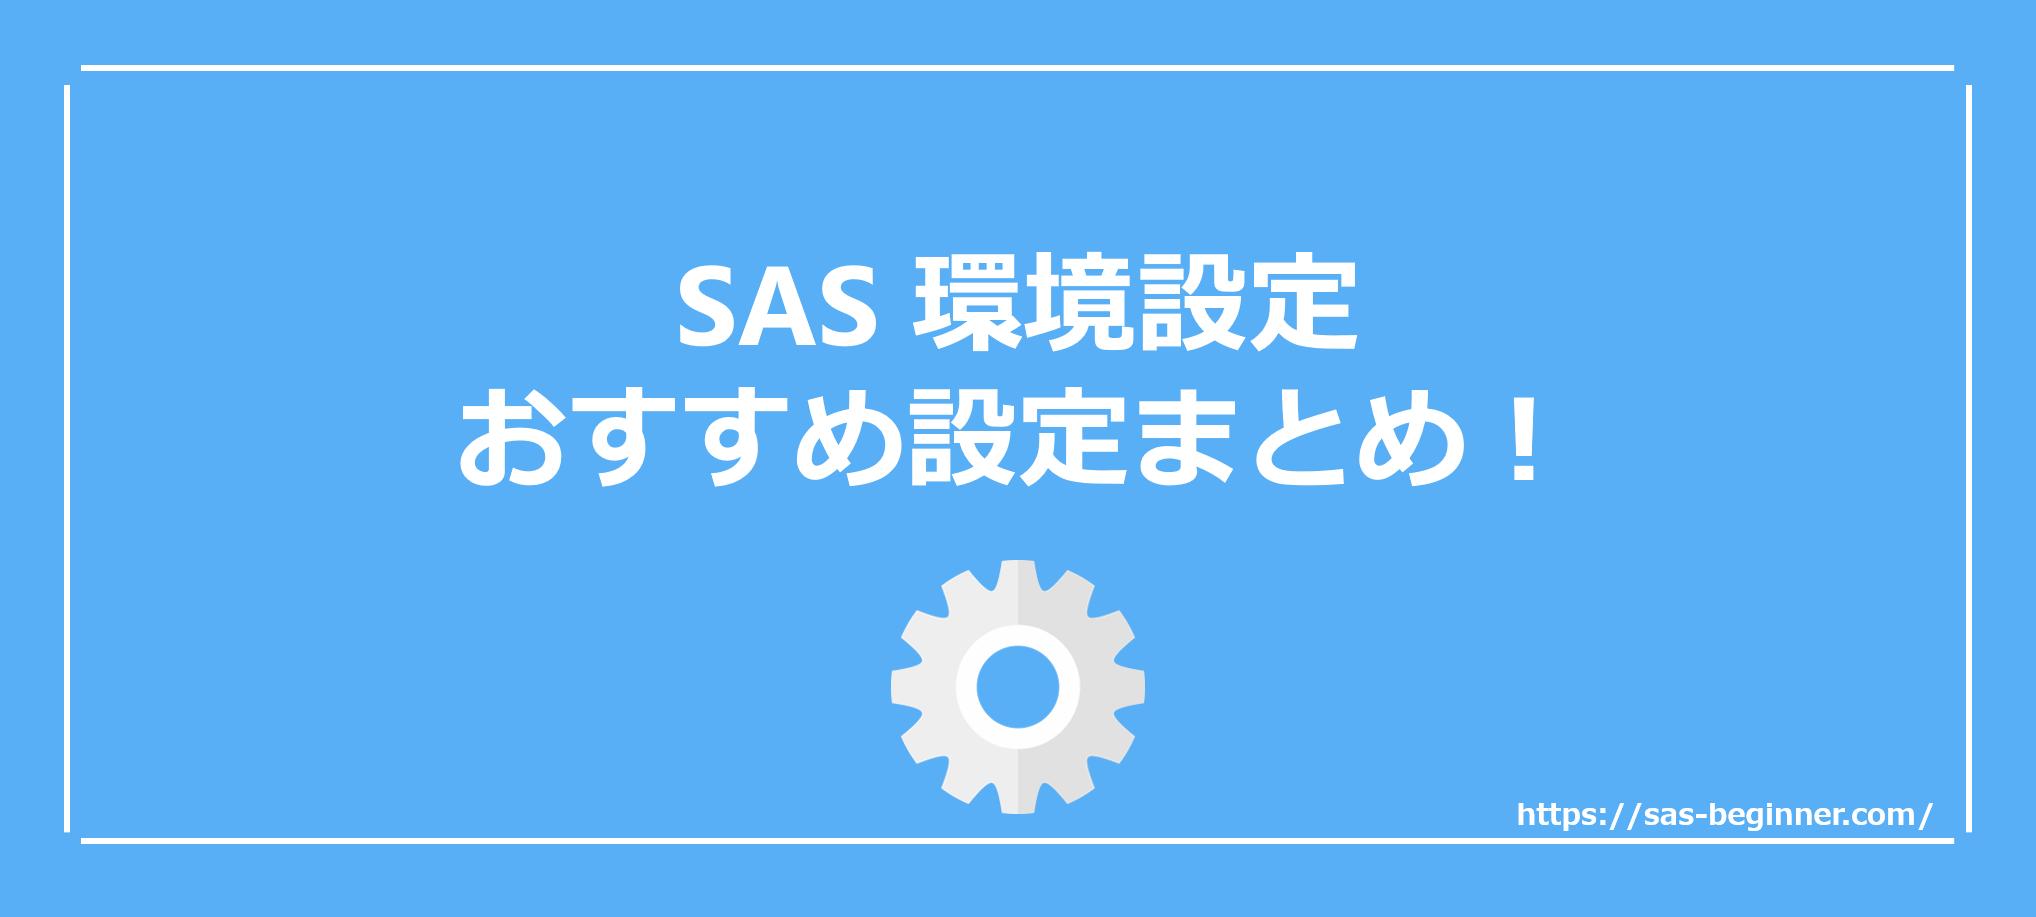 SASを導入したら真っ先に行うべき環境設定は?SASライフを快適に